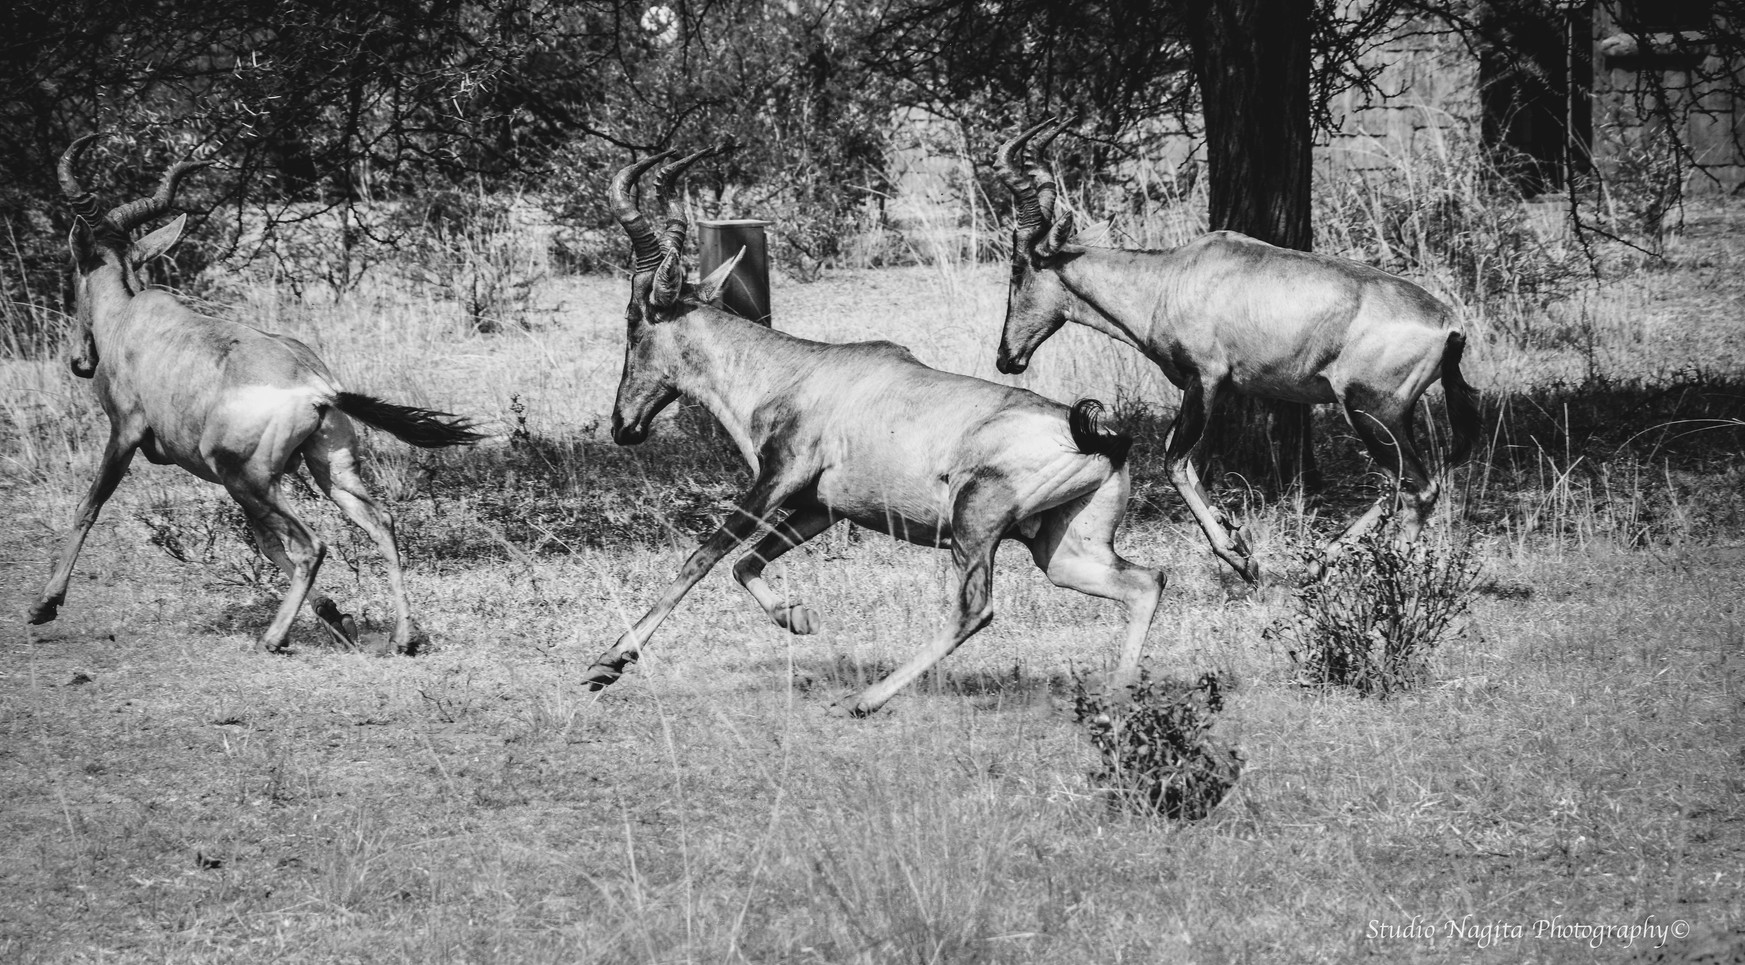 Running Antelopes, Black & White